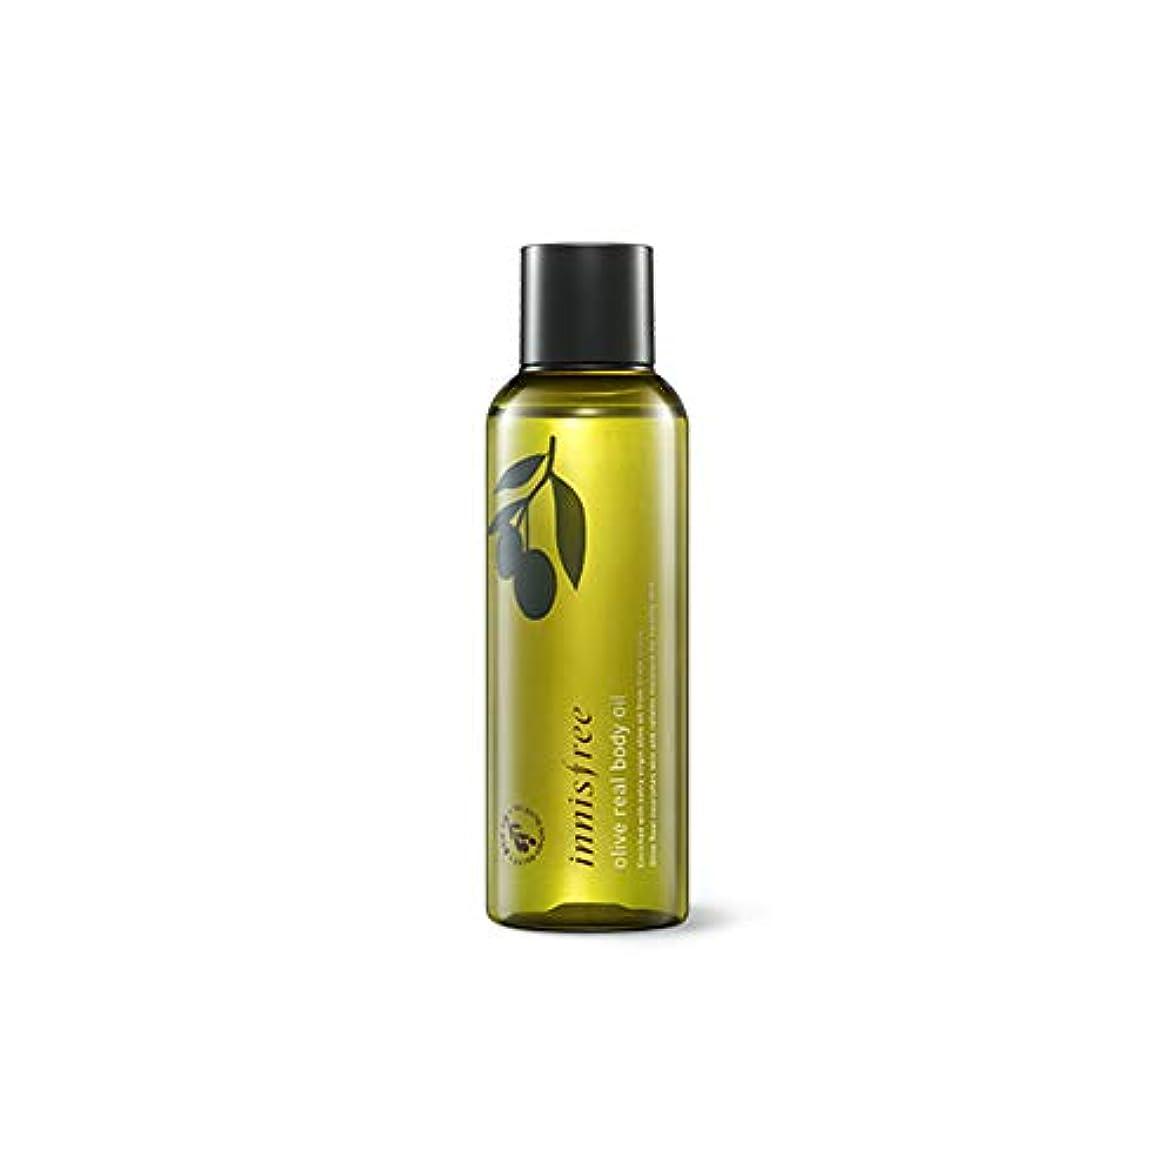 底テスト関税イニスフリー Innisfree オリーブリアルボディーオイル(150ml) Innisfree Olive Real Body Oil(150ml) [海外直送品]